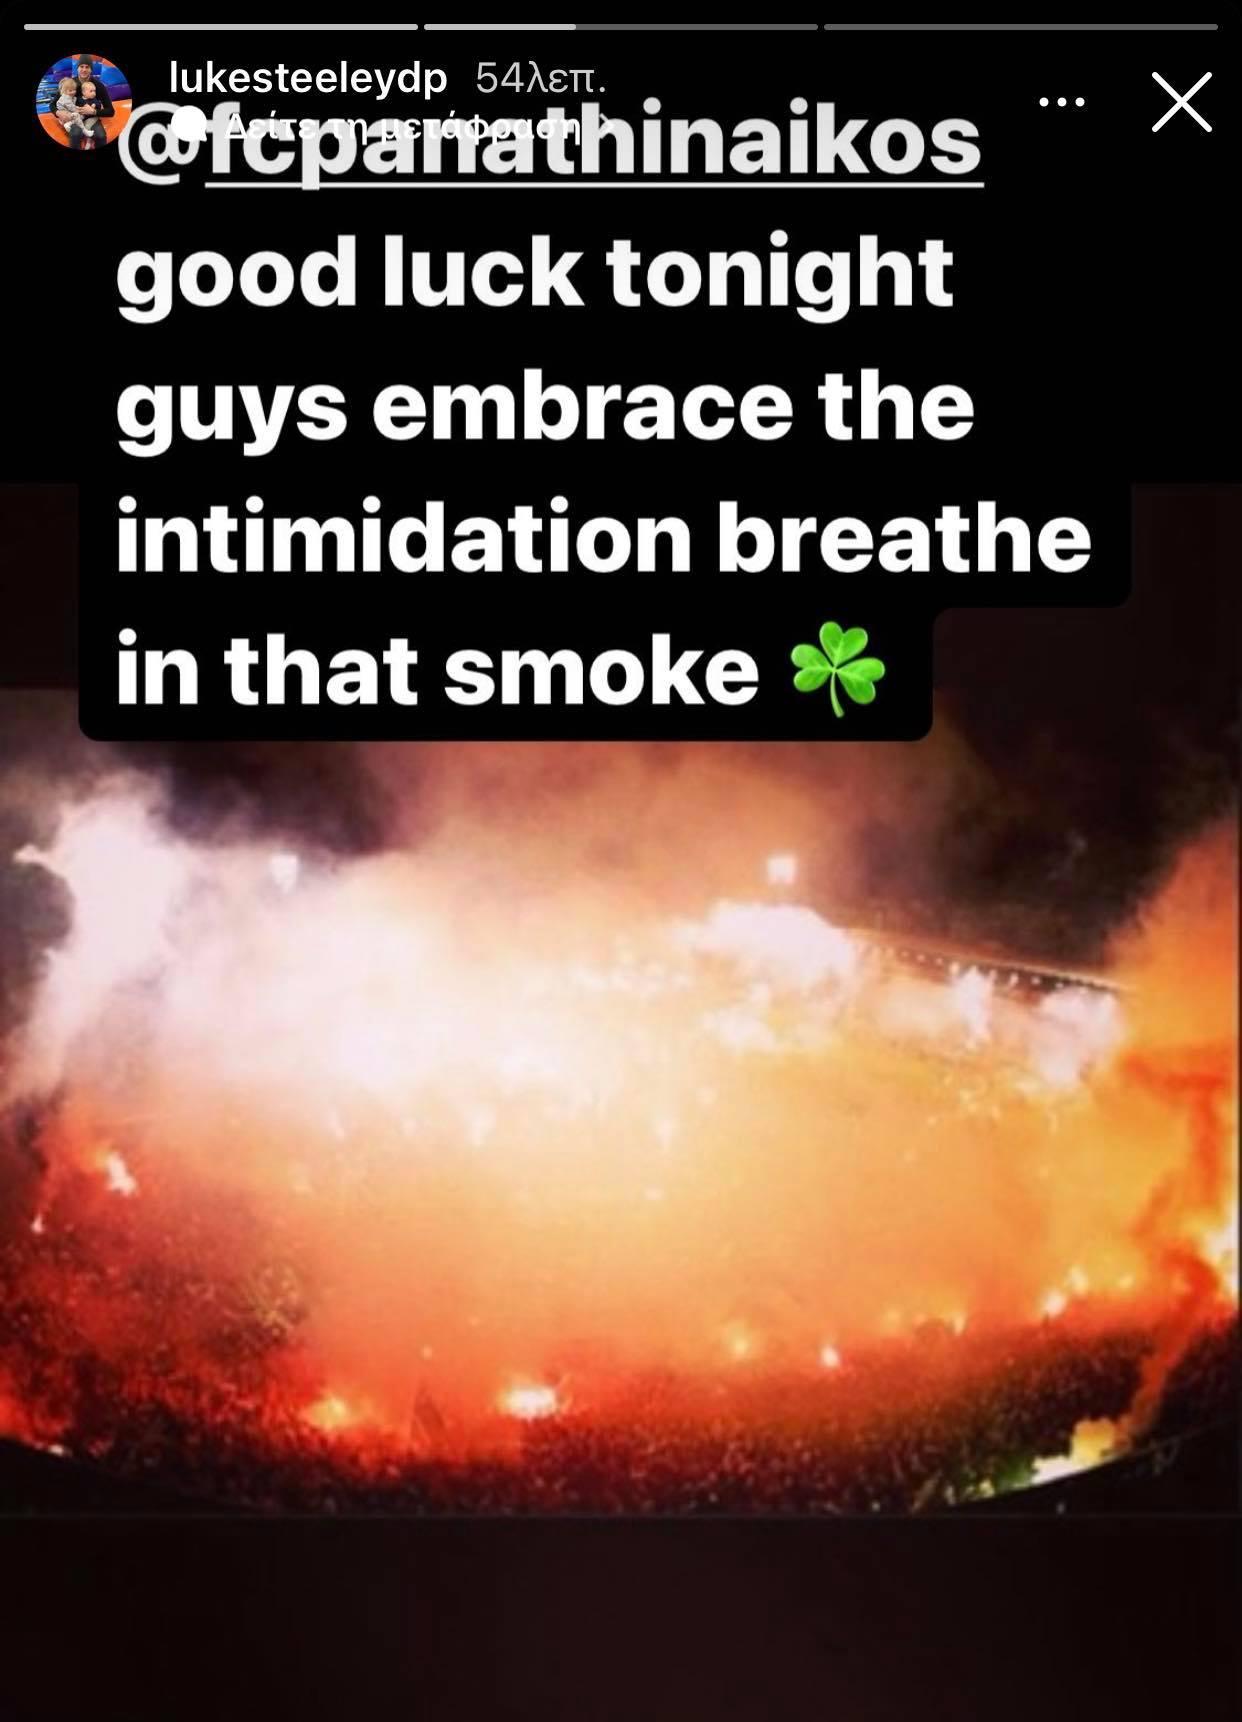 Το μήνυμα του Στιλ πριν το Ολυμπιακός - Παναθηναϊκός (pic)